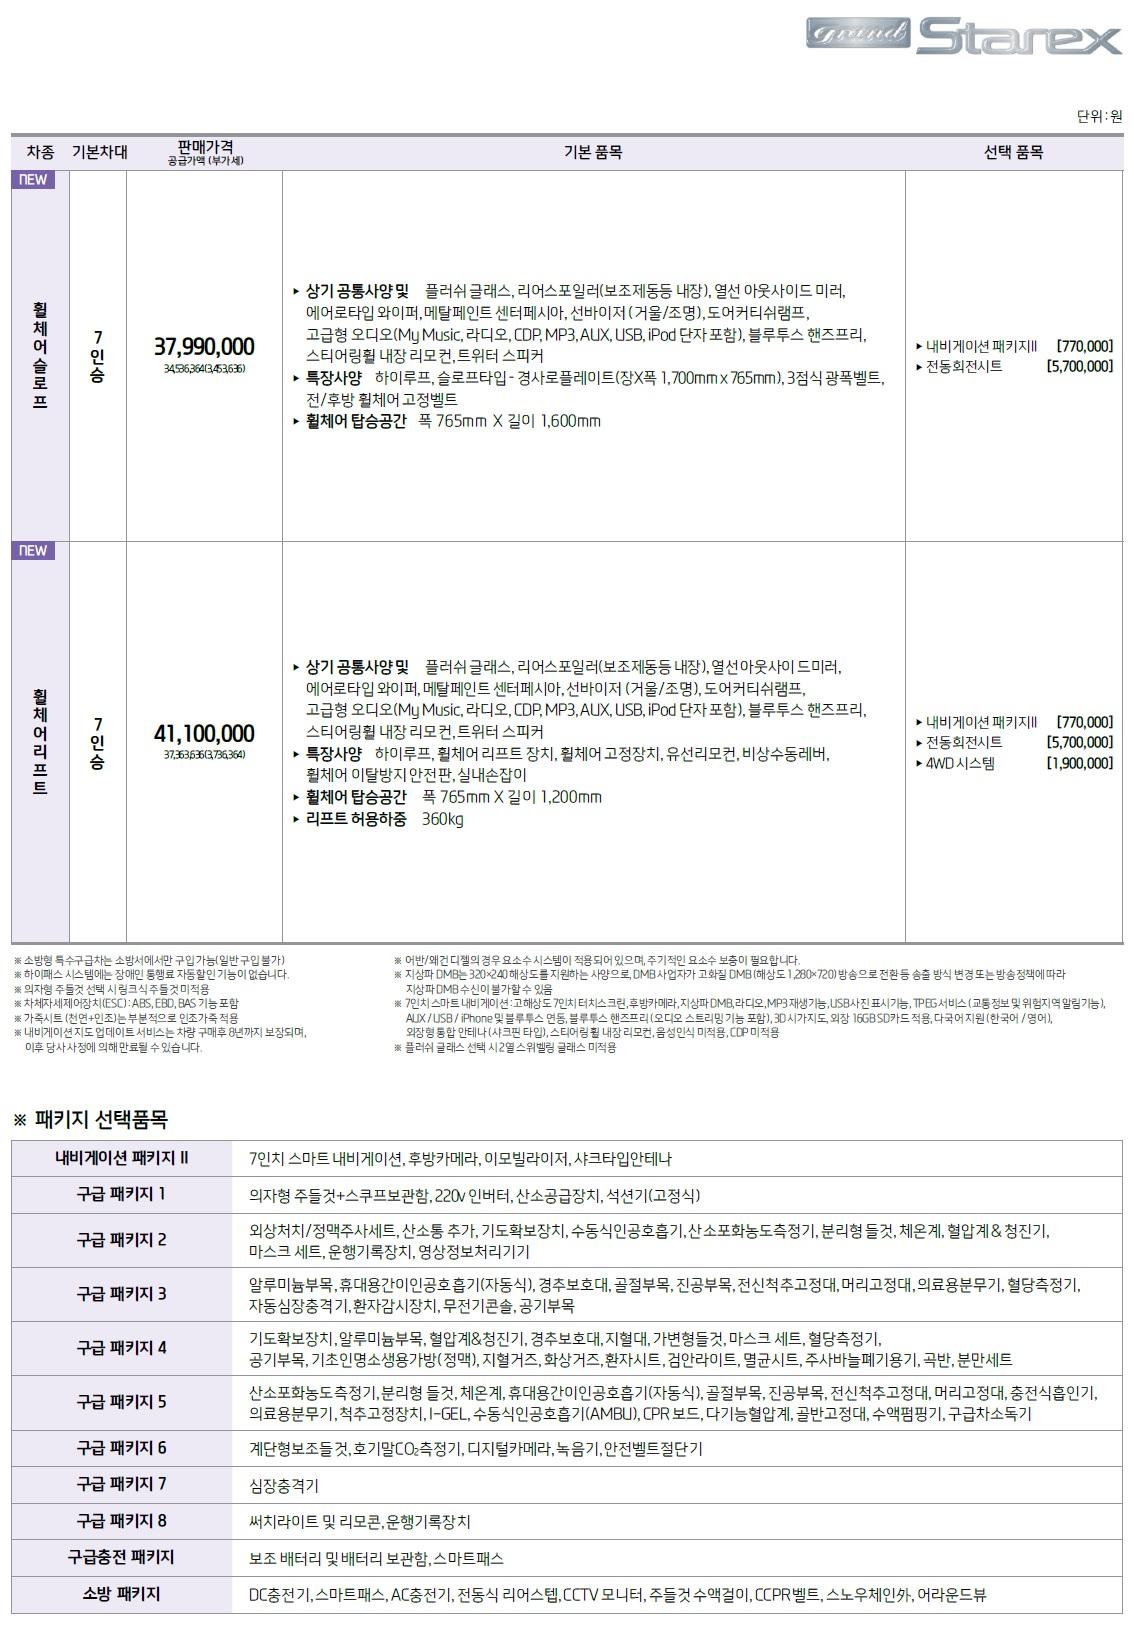 더뉴 그랜드스타렉스 특장차 가격표 - 2018년 05월 -2.jpg